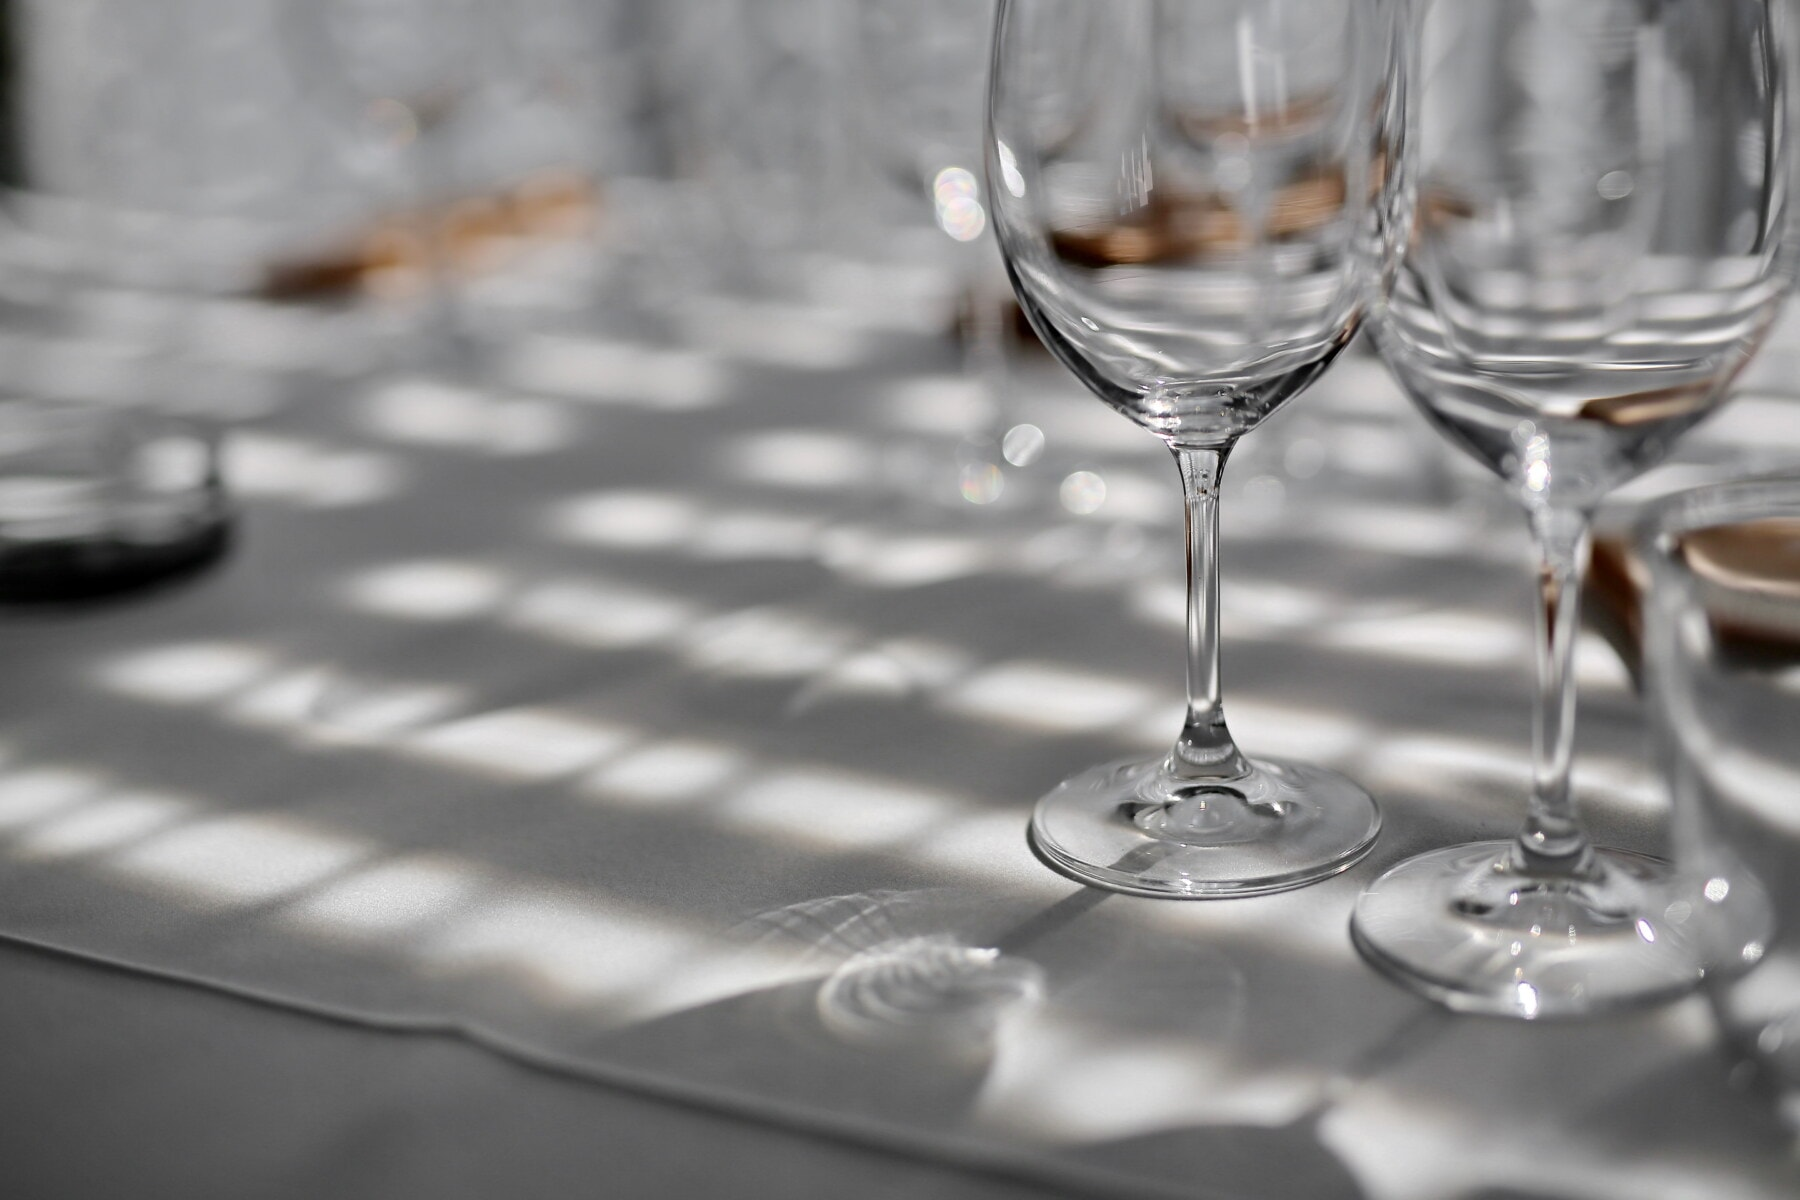 Kristall, aus nächster Nähe, Glas, Reflexion, Essbereich, Tischdecke, Kantine, elegant, Schatten, Trinken